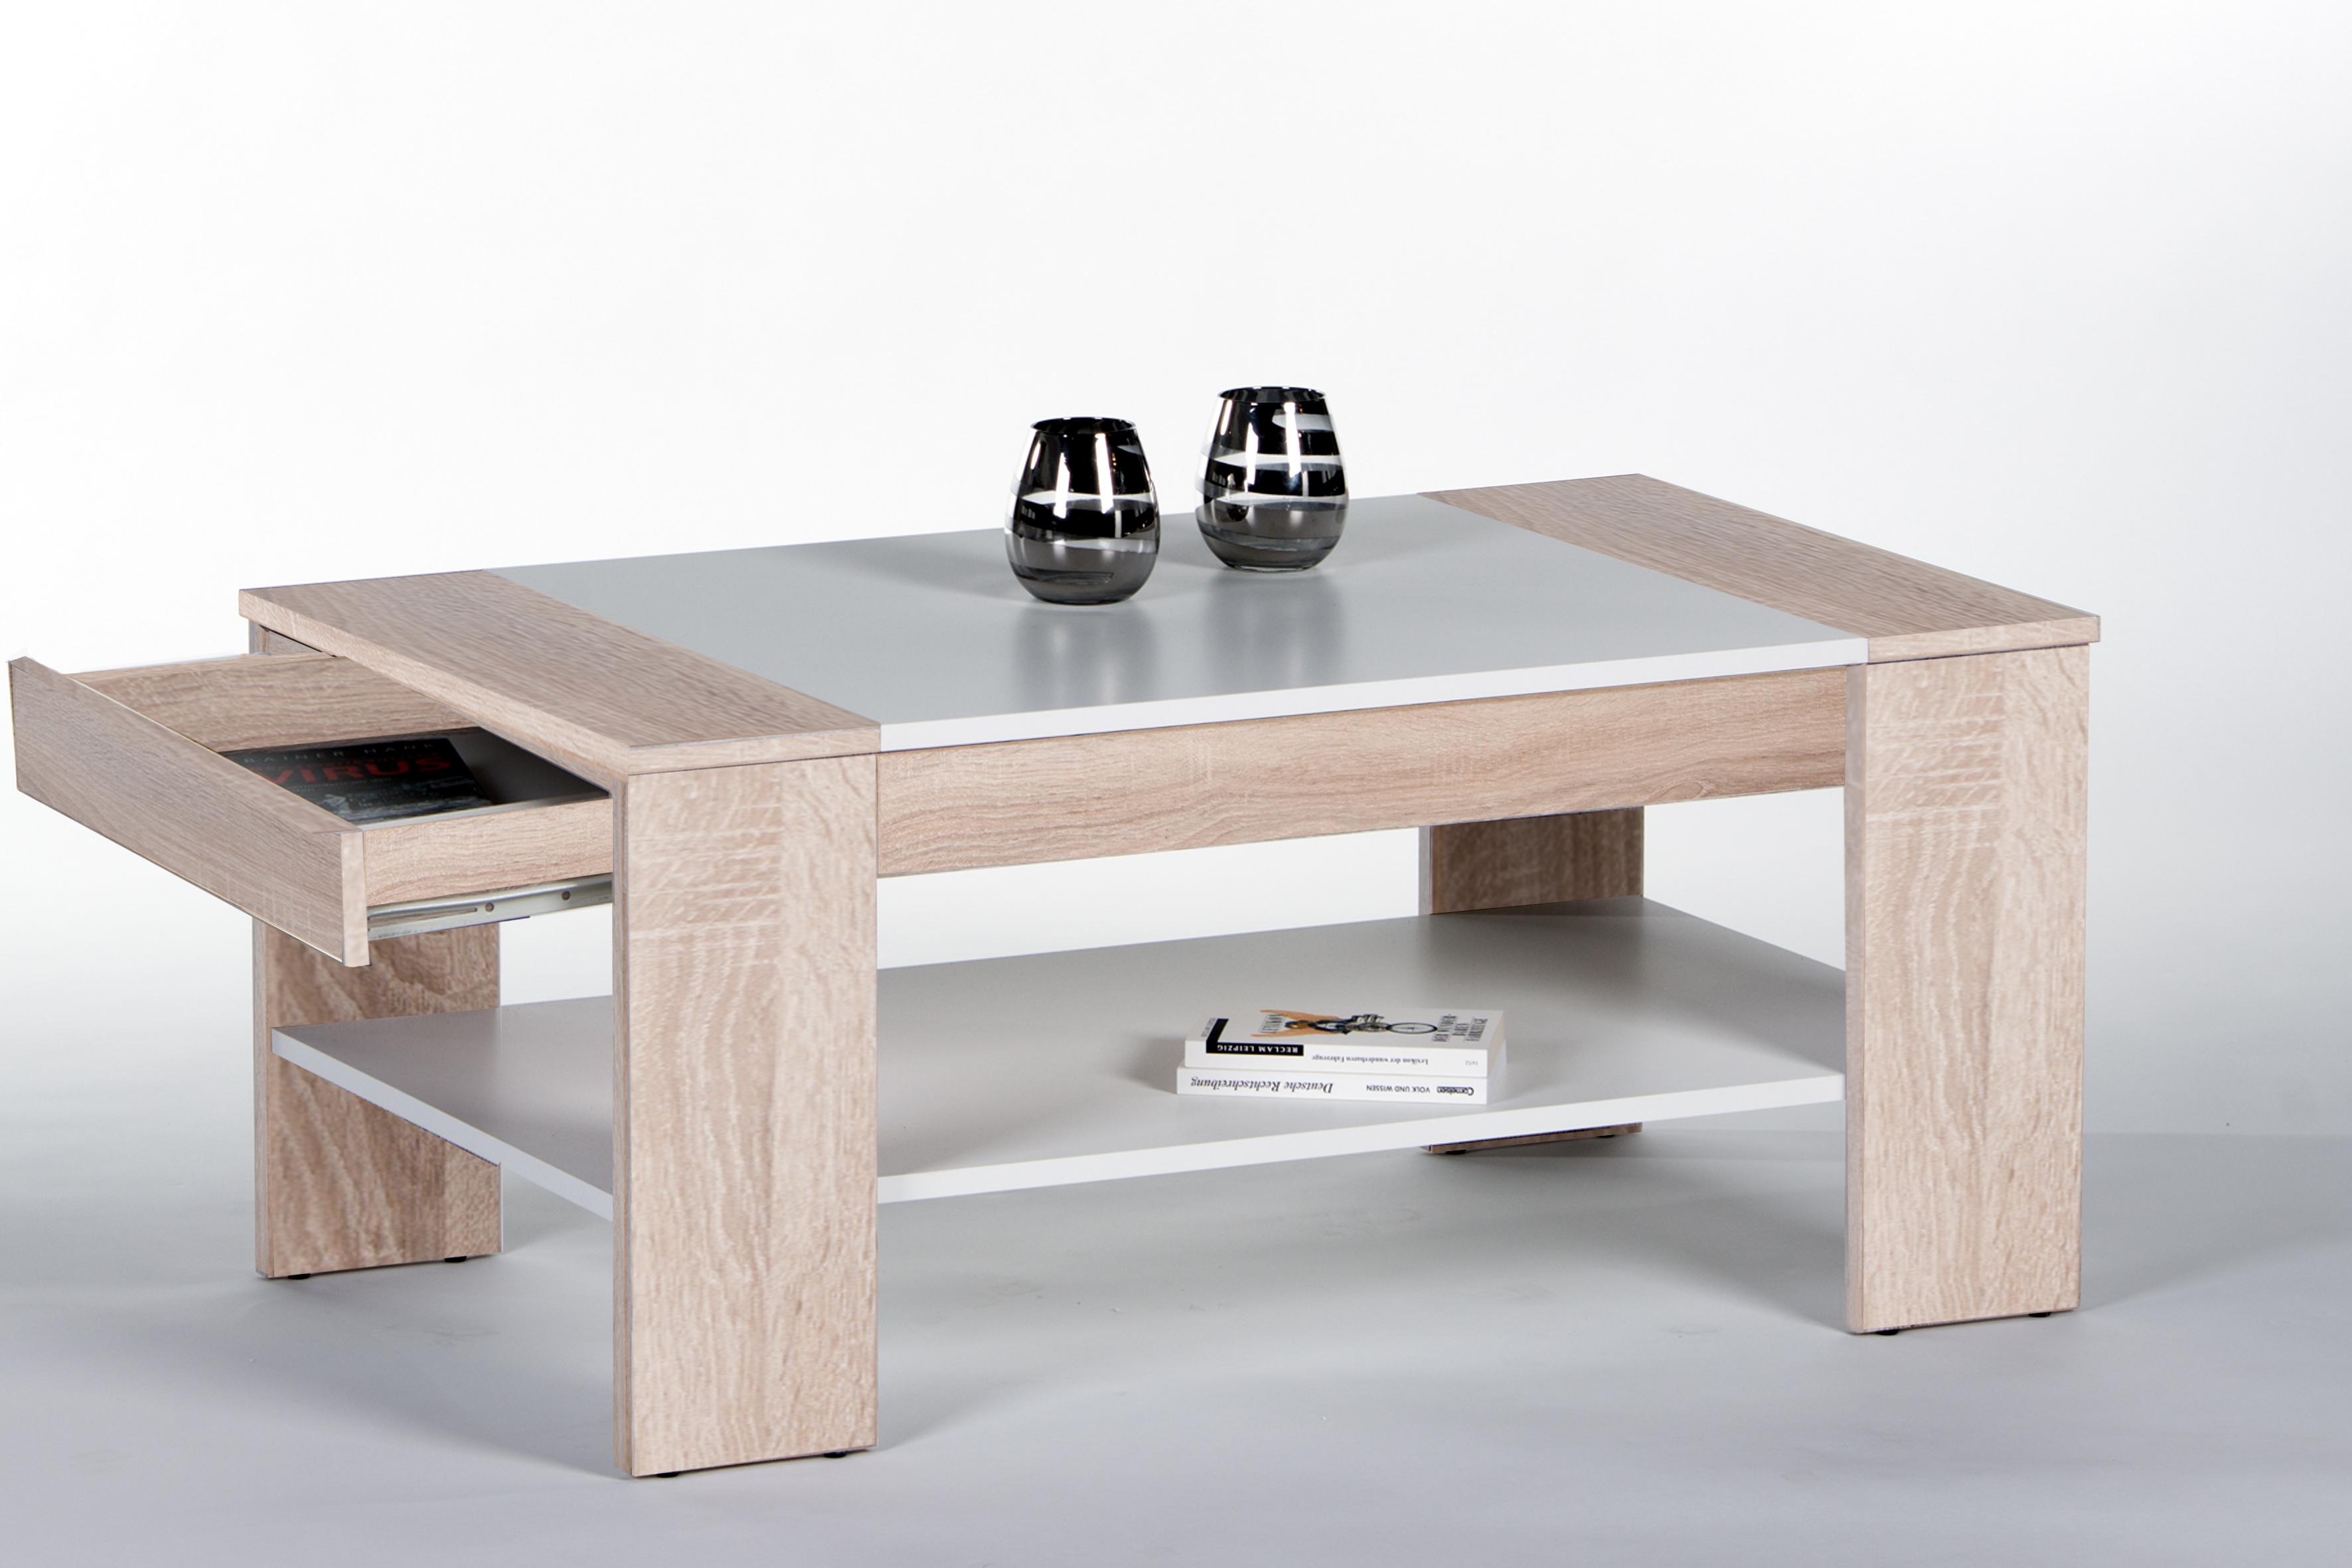 Couchtisch Finley Beistelltisch Wohnzimmertisch Tisch